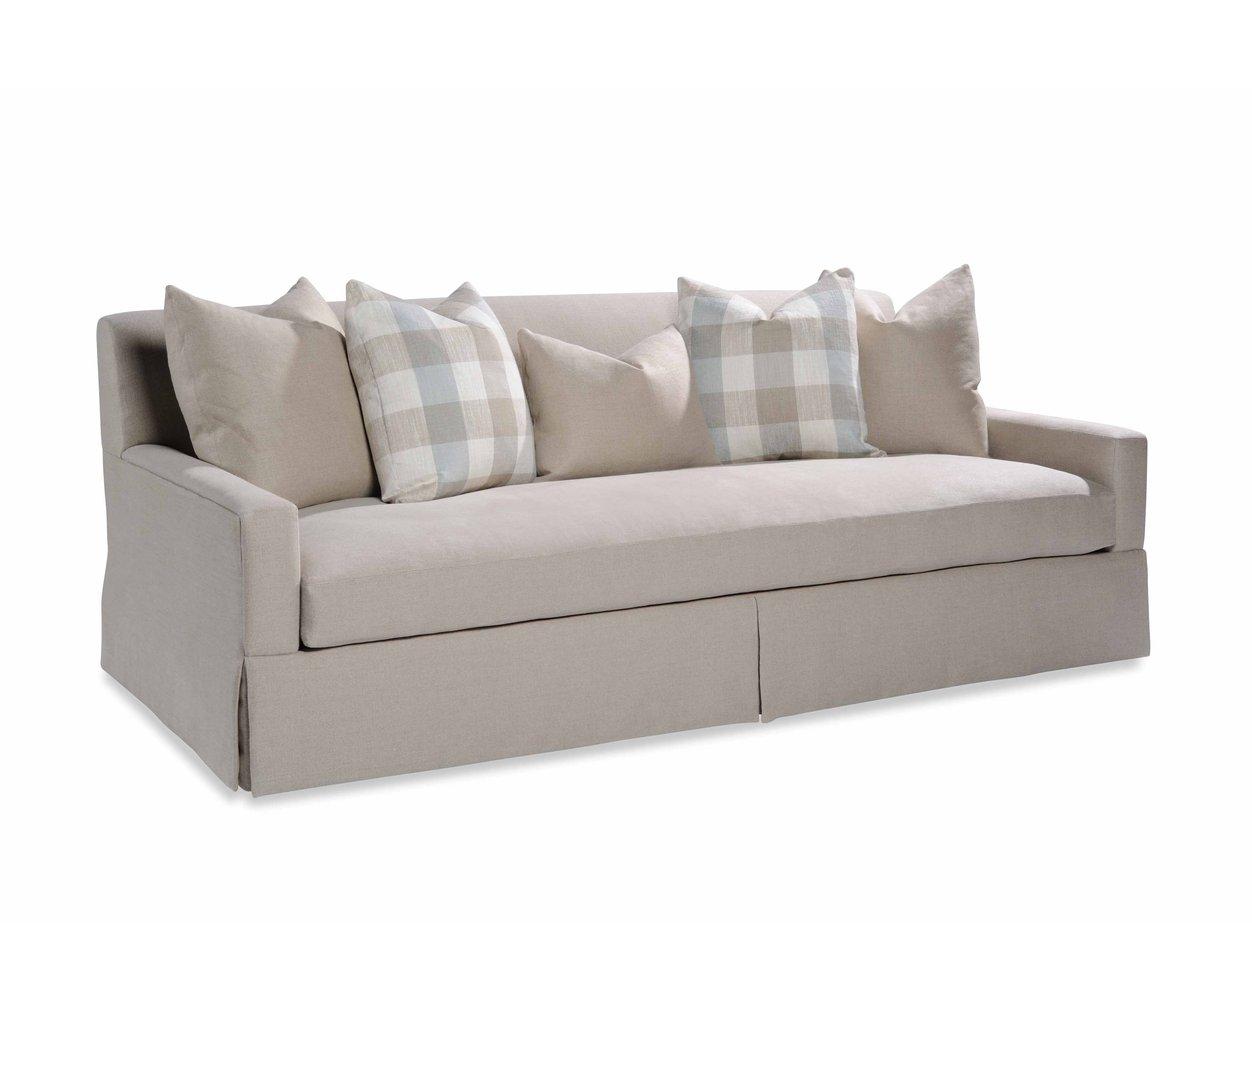 Carmel Sofa Image